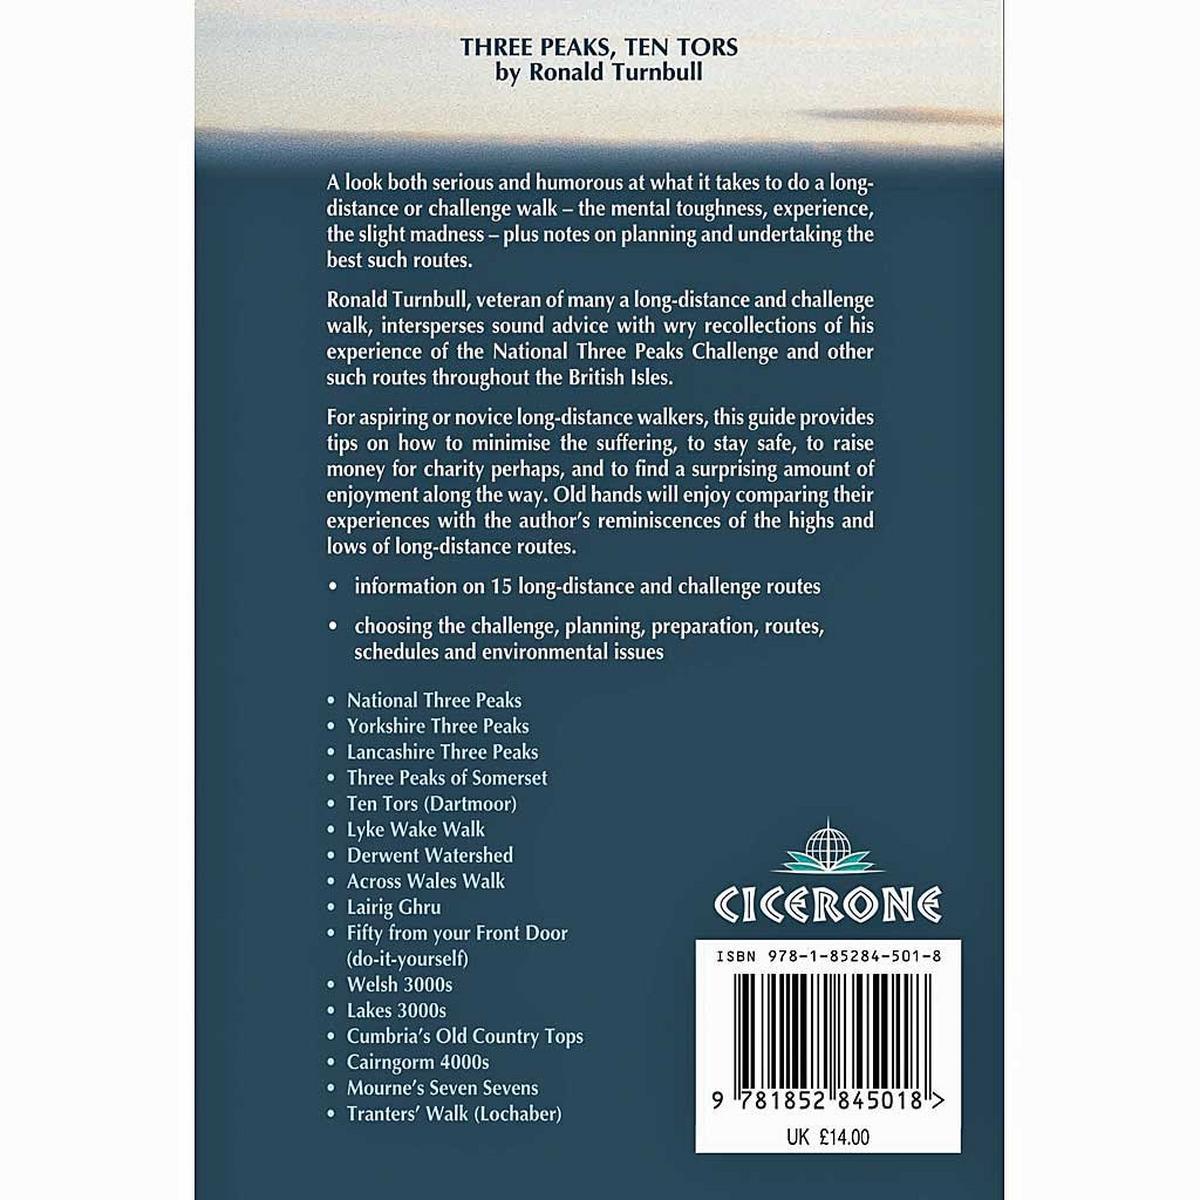 Cicerone Three Peaks, Ten Tors Guidebook